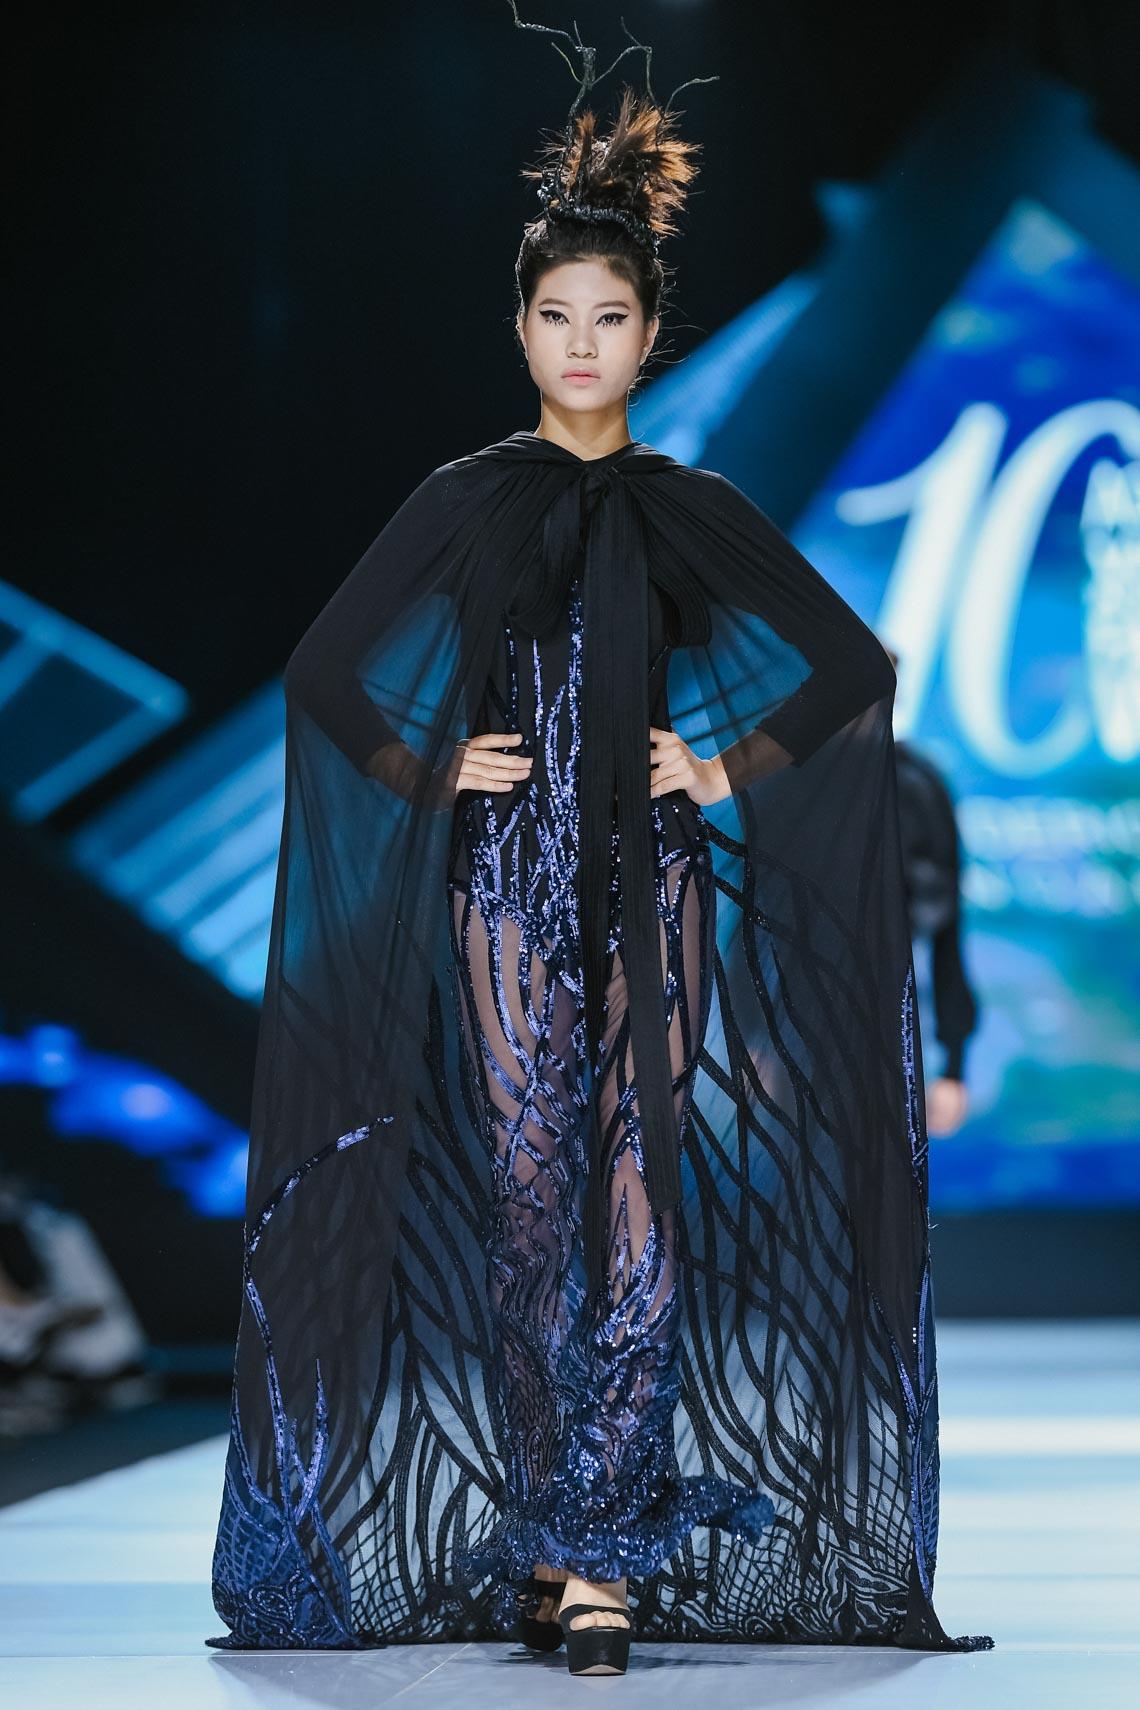 Siêu mẫu Thanh Hằng trong BST mới nhất của Frederick Lee trên sàn diễn Tuần lễ Thời trang Quốc tế Việt Nam Thu Đông 2019 - 7